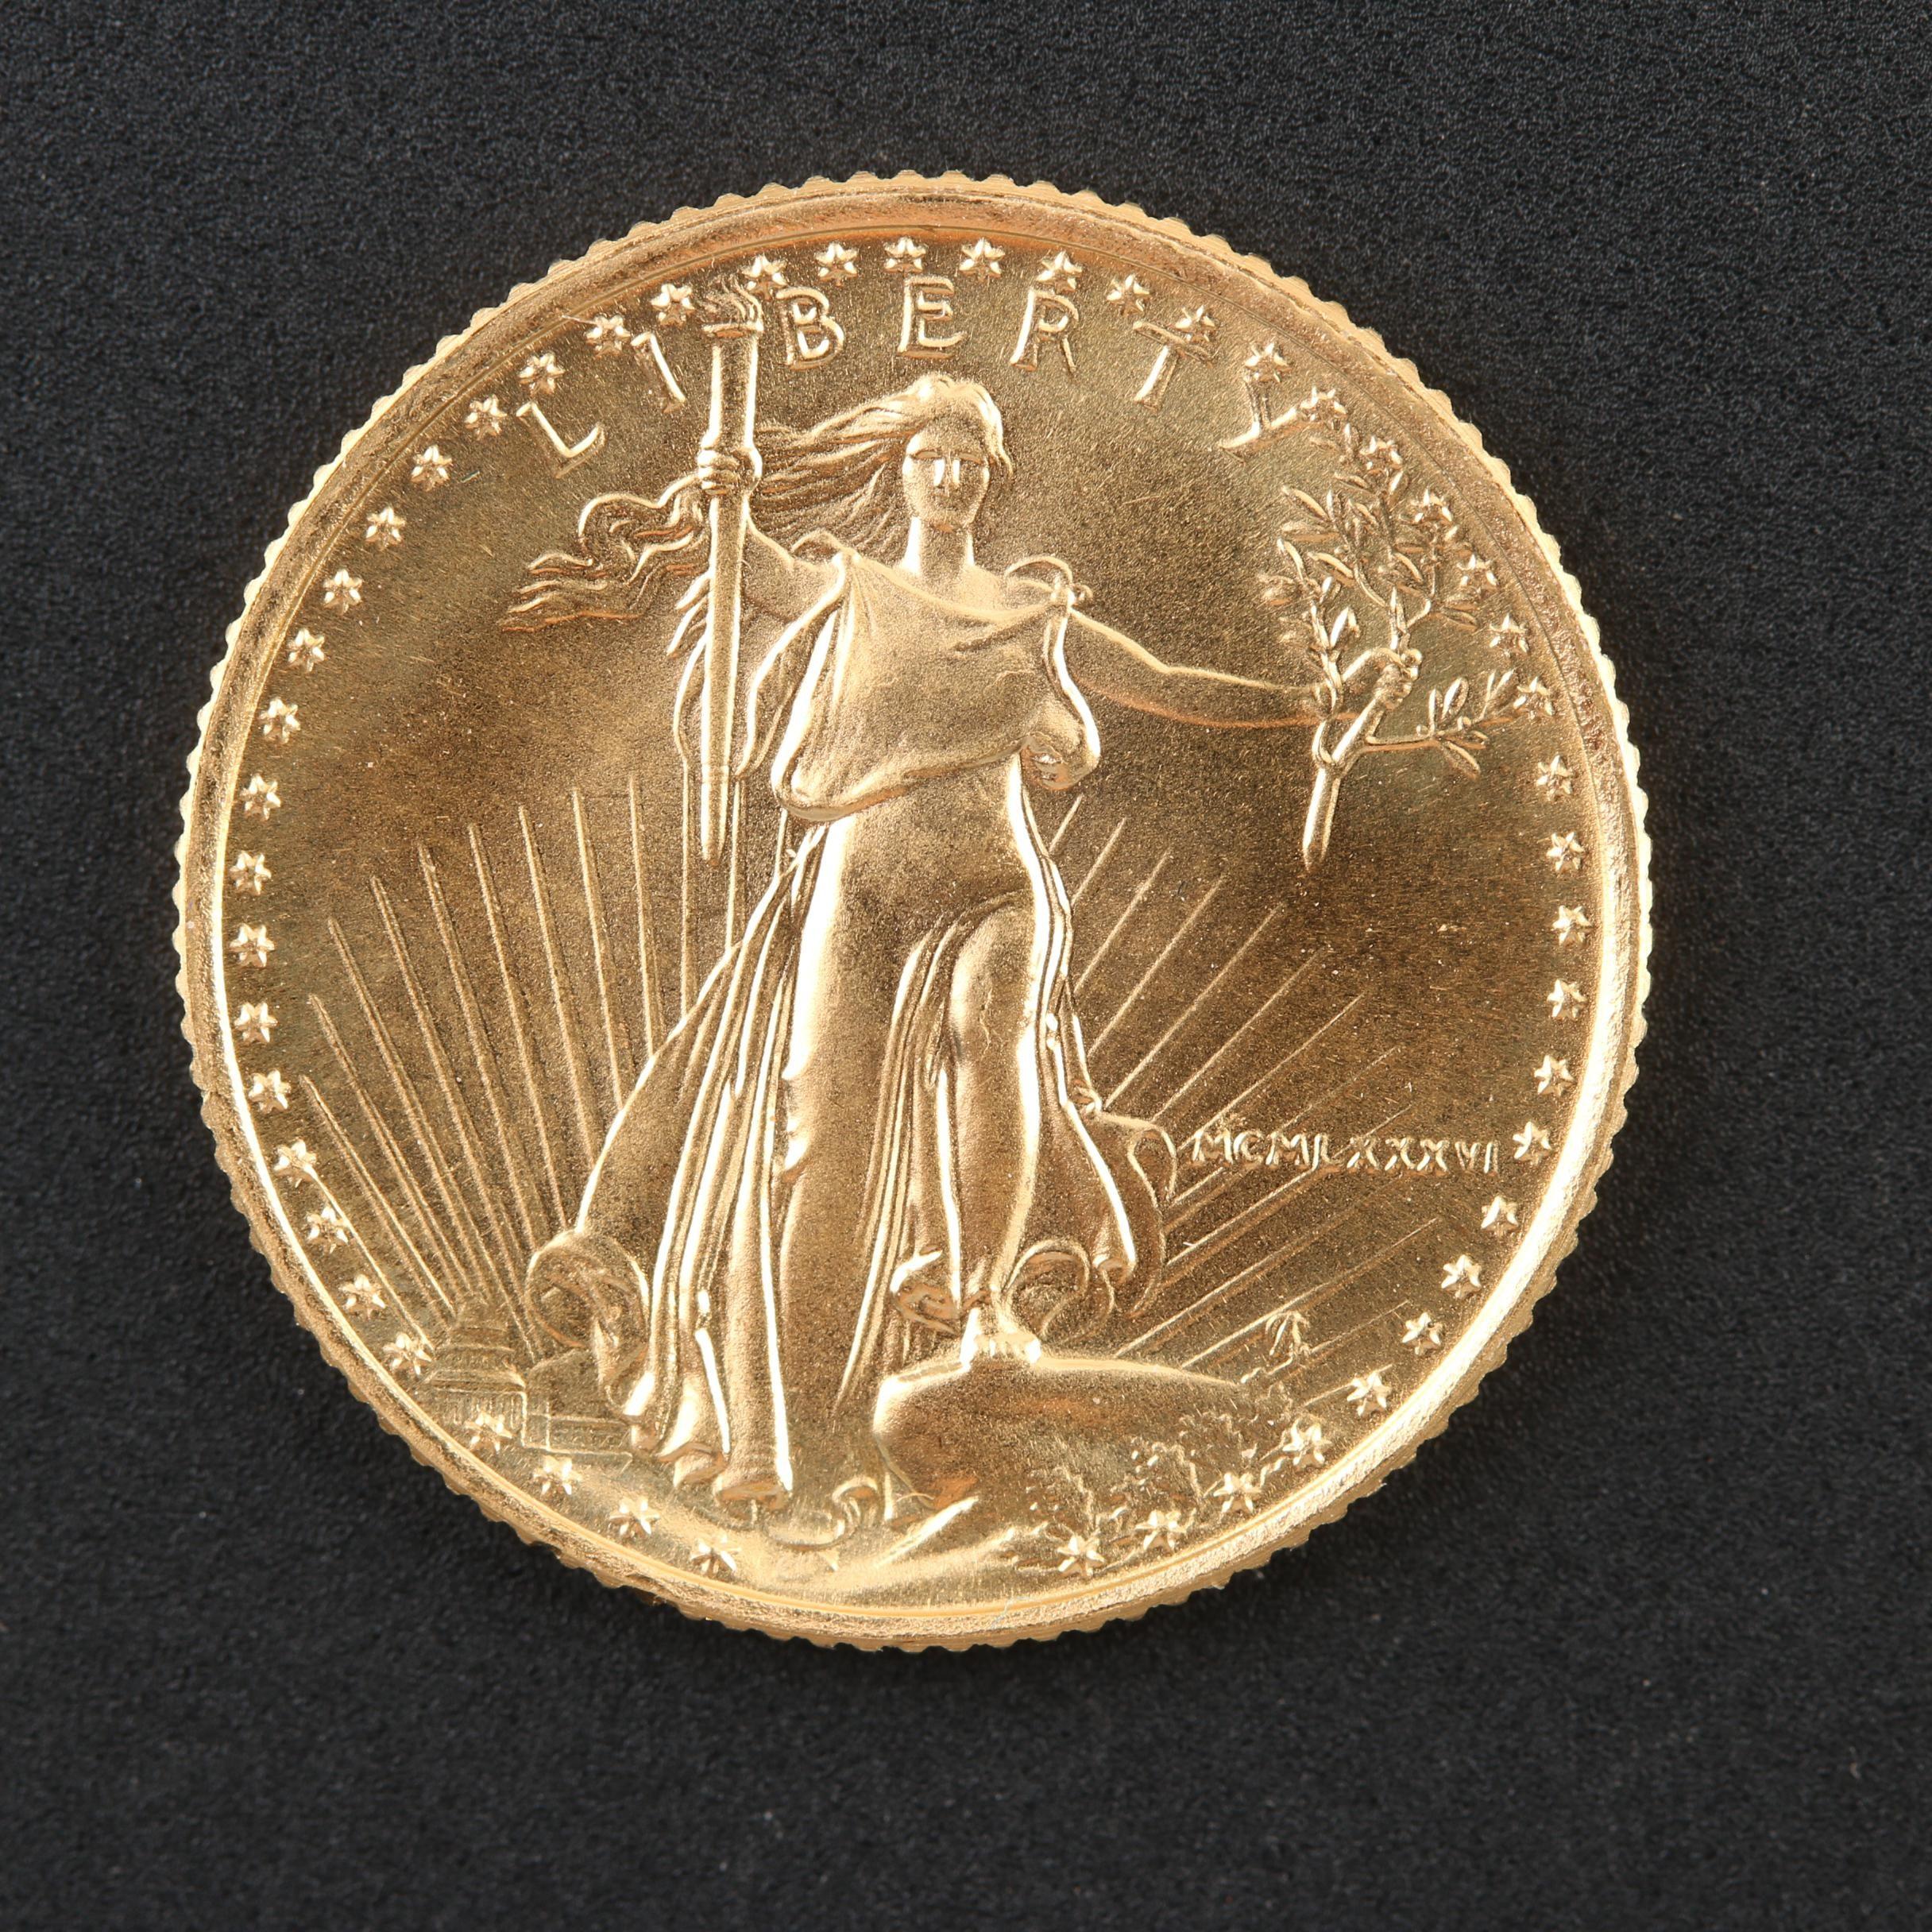 1986 $5 Gold Eagle 1/10 Oz. Bullion Coin